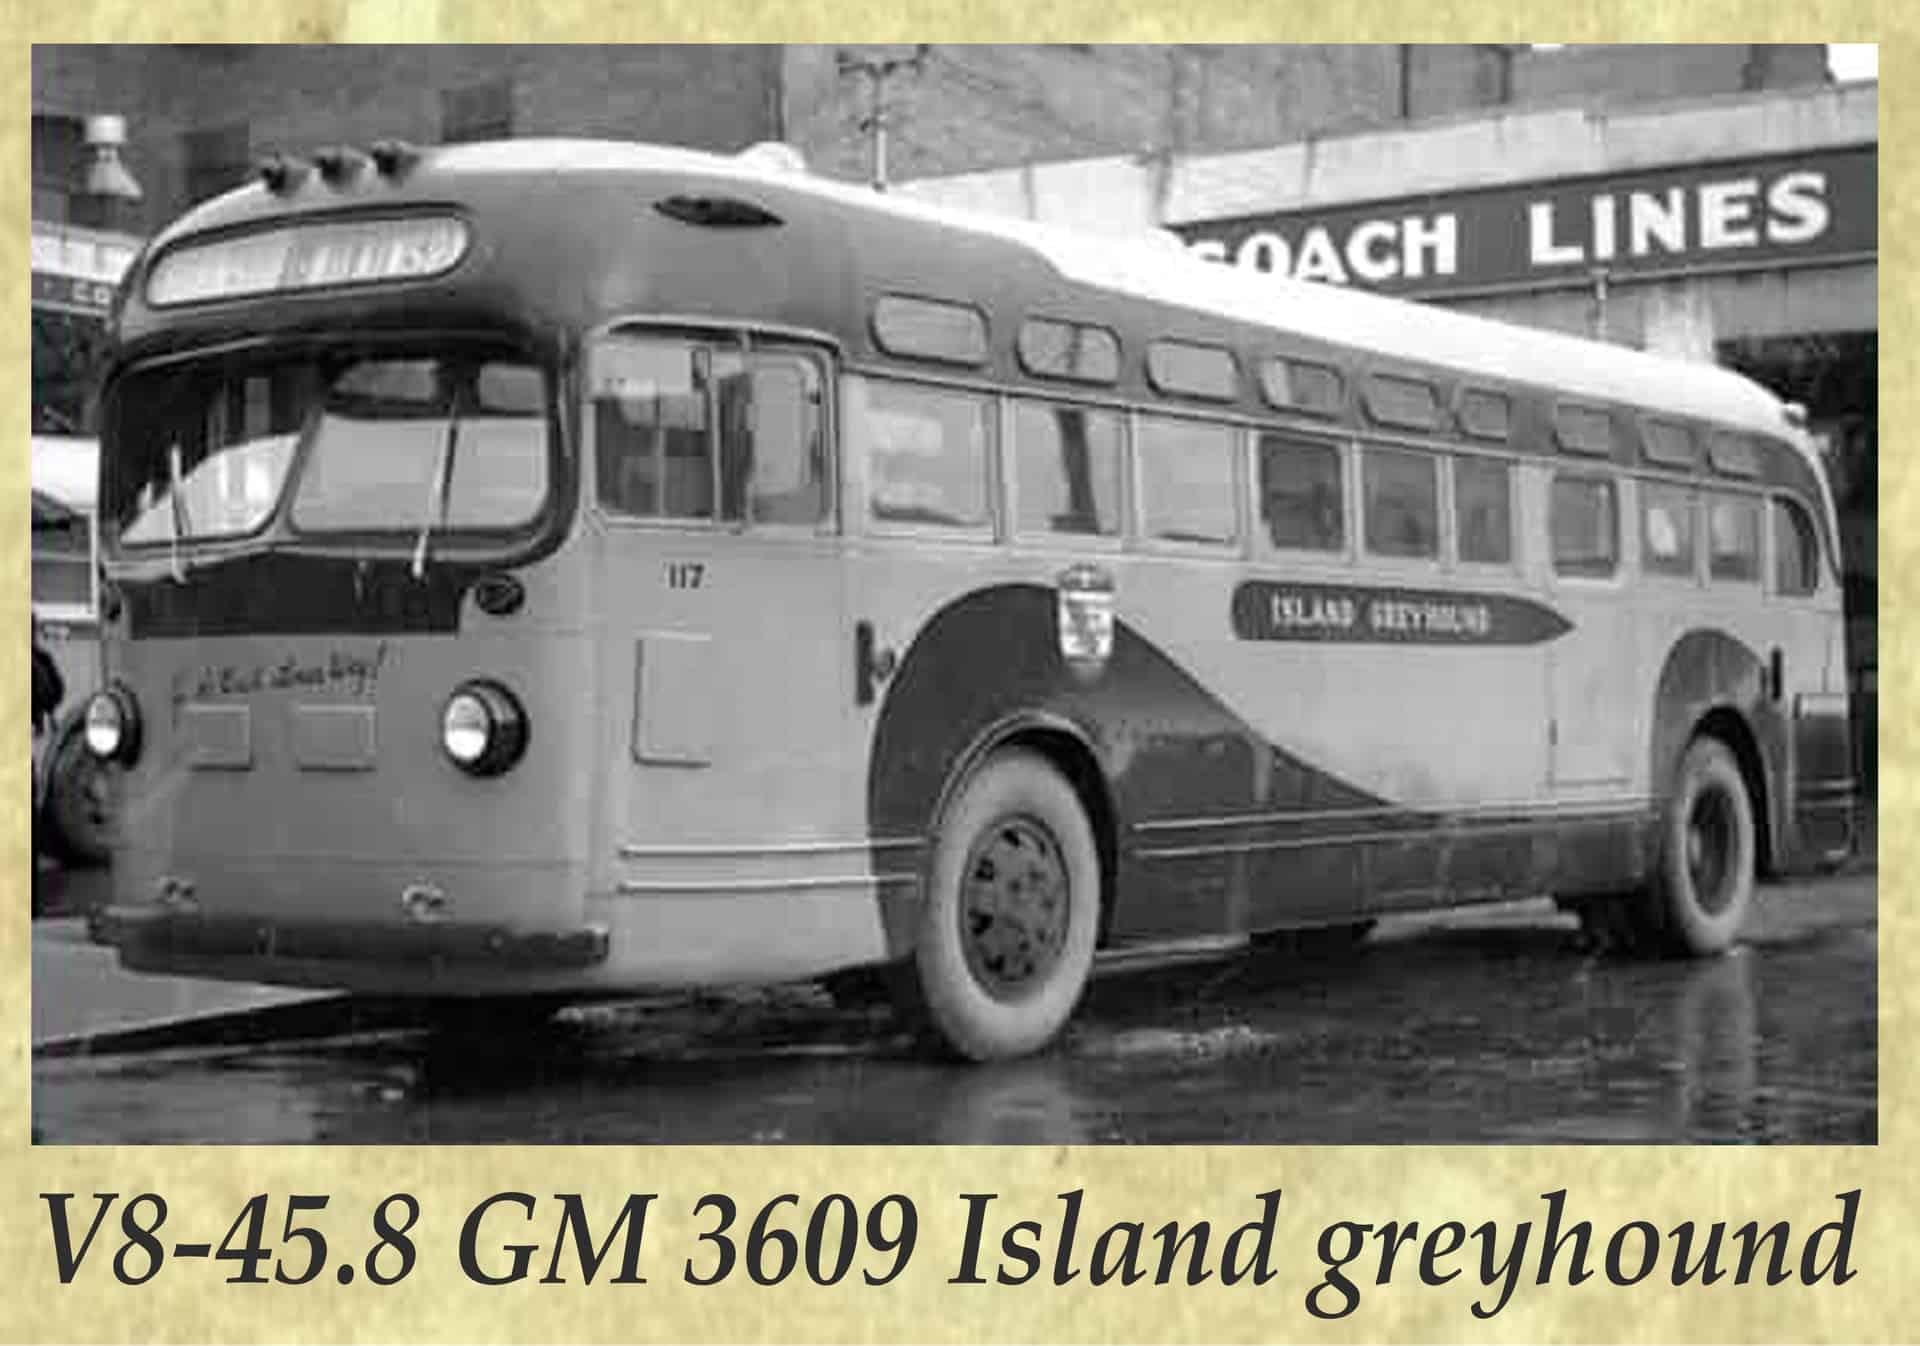 V8-45.8 GM 3609 Island greyhound